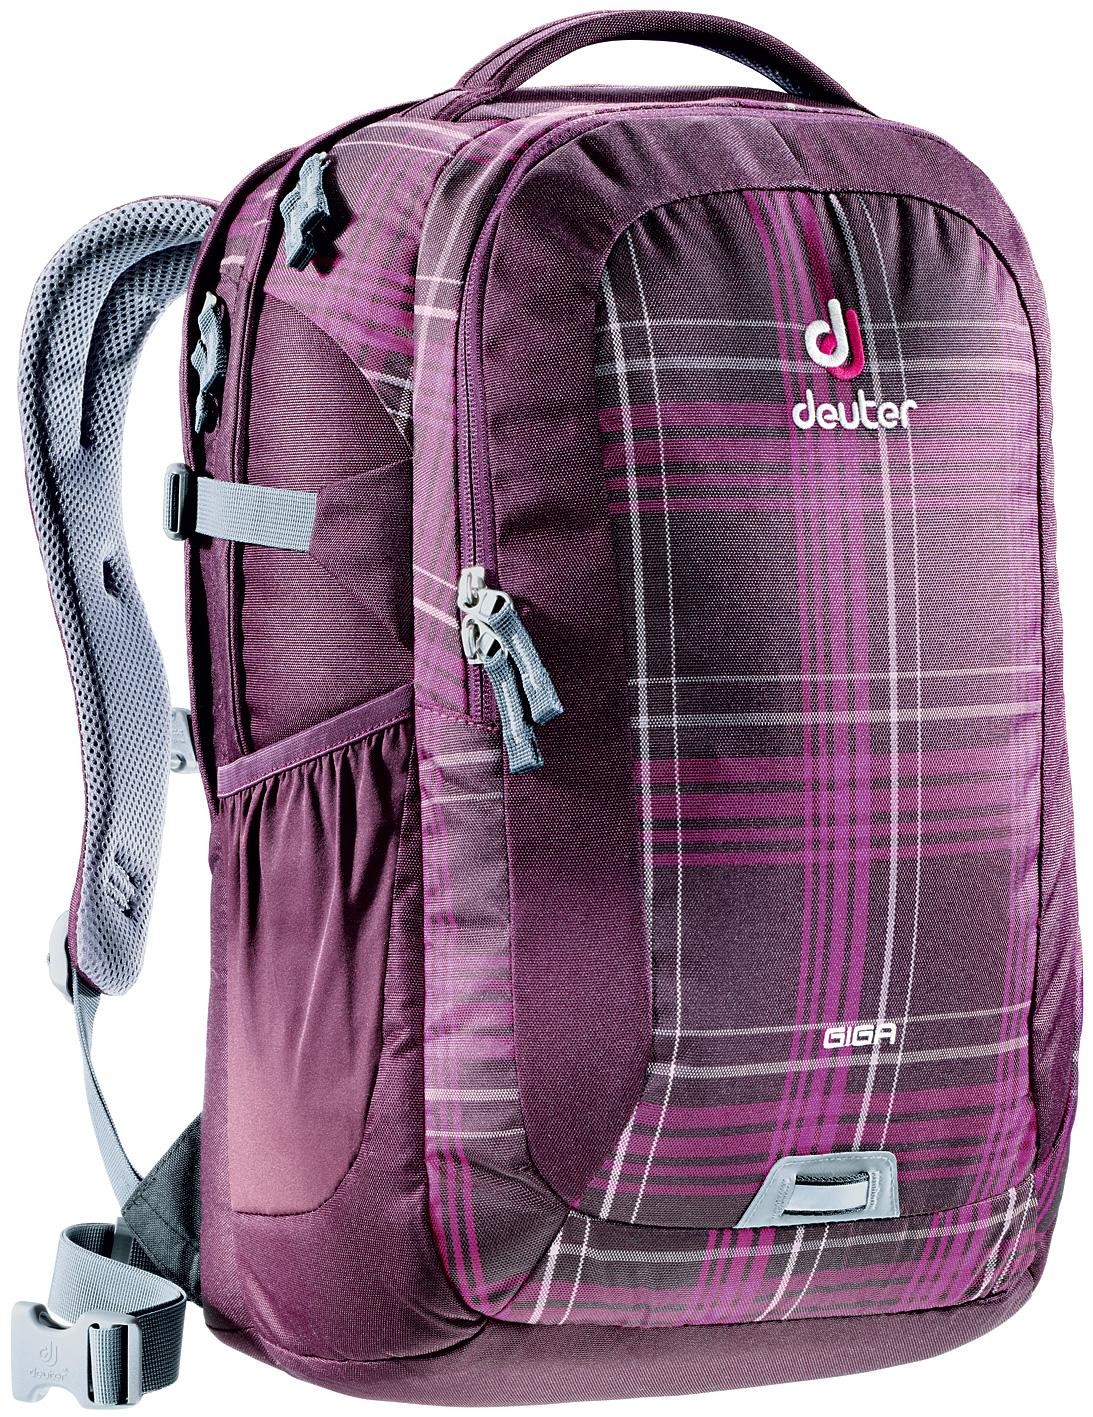 Купить со скидкой Рюкзак Deuter 2015 Daypacks Giga Aubergine Check